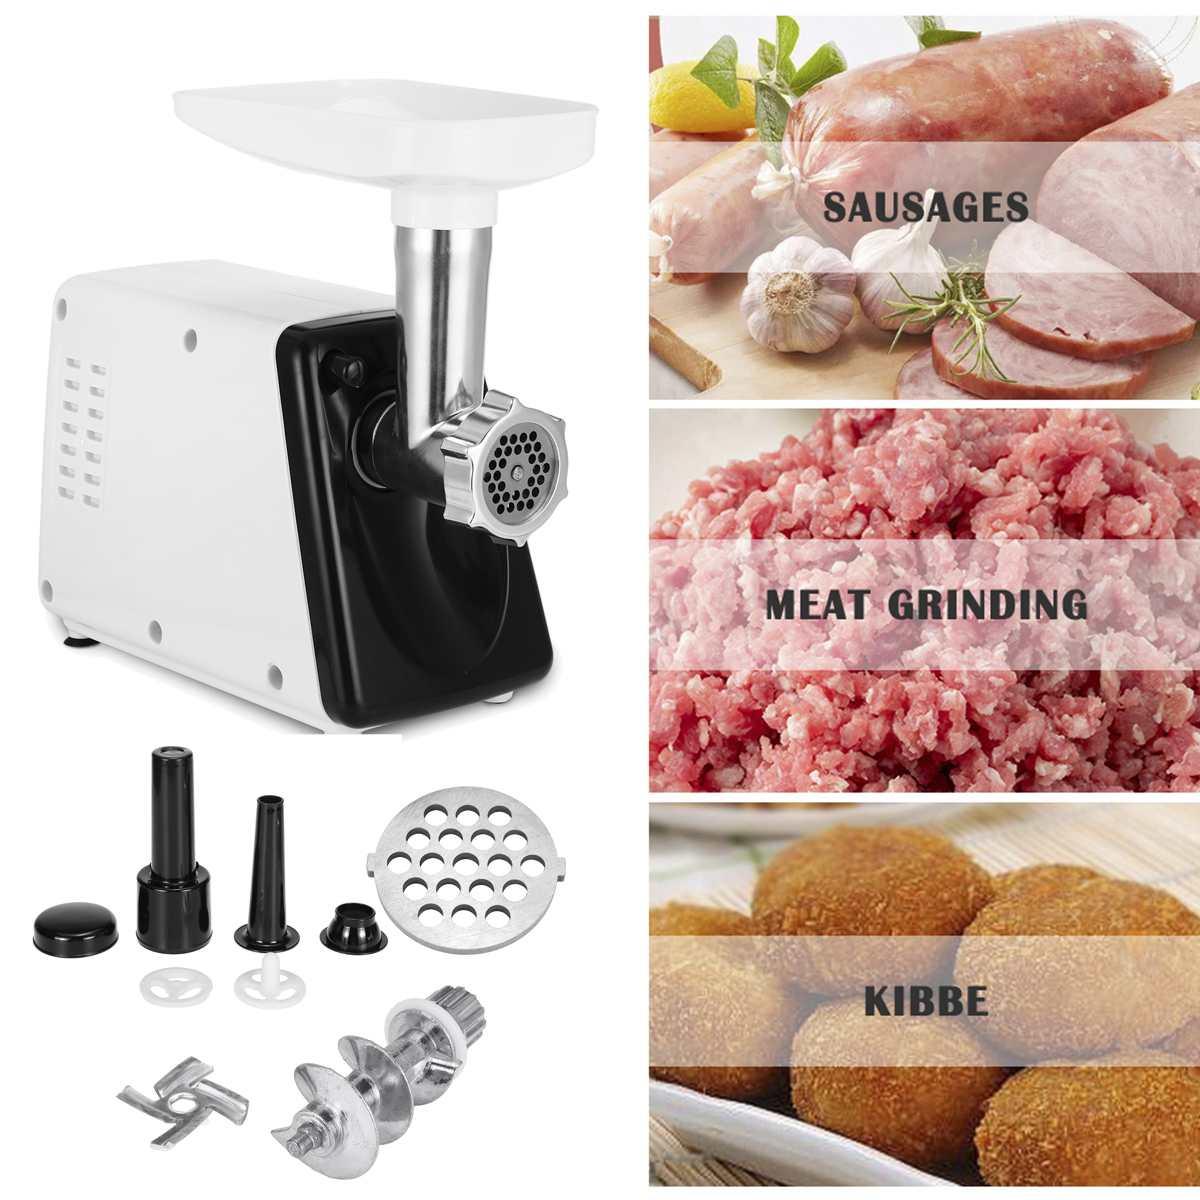 220V Electric Blender Mixer Meat Grinder Stainless Steel For Kitchen Meat Mincer Multifunction Food Chopper Sausage Meat Grinder-3